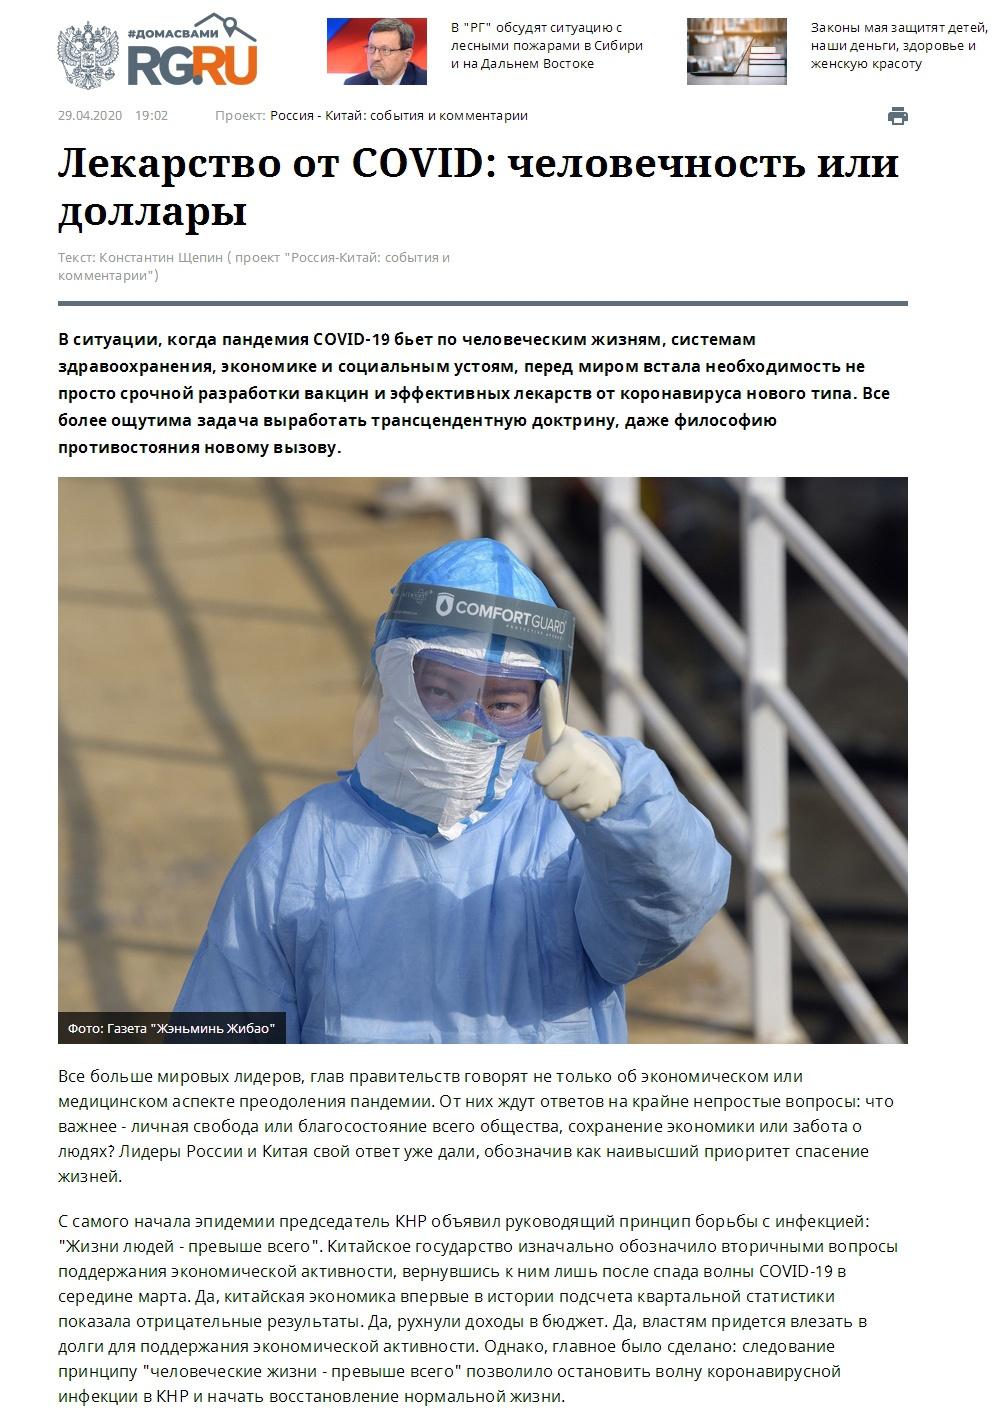 △《俄罗斯报》网站报道截图